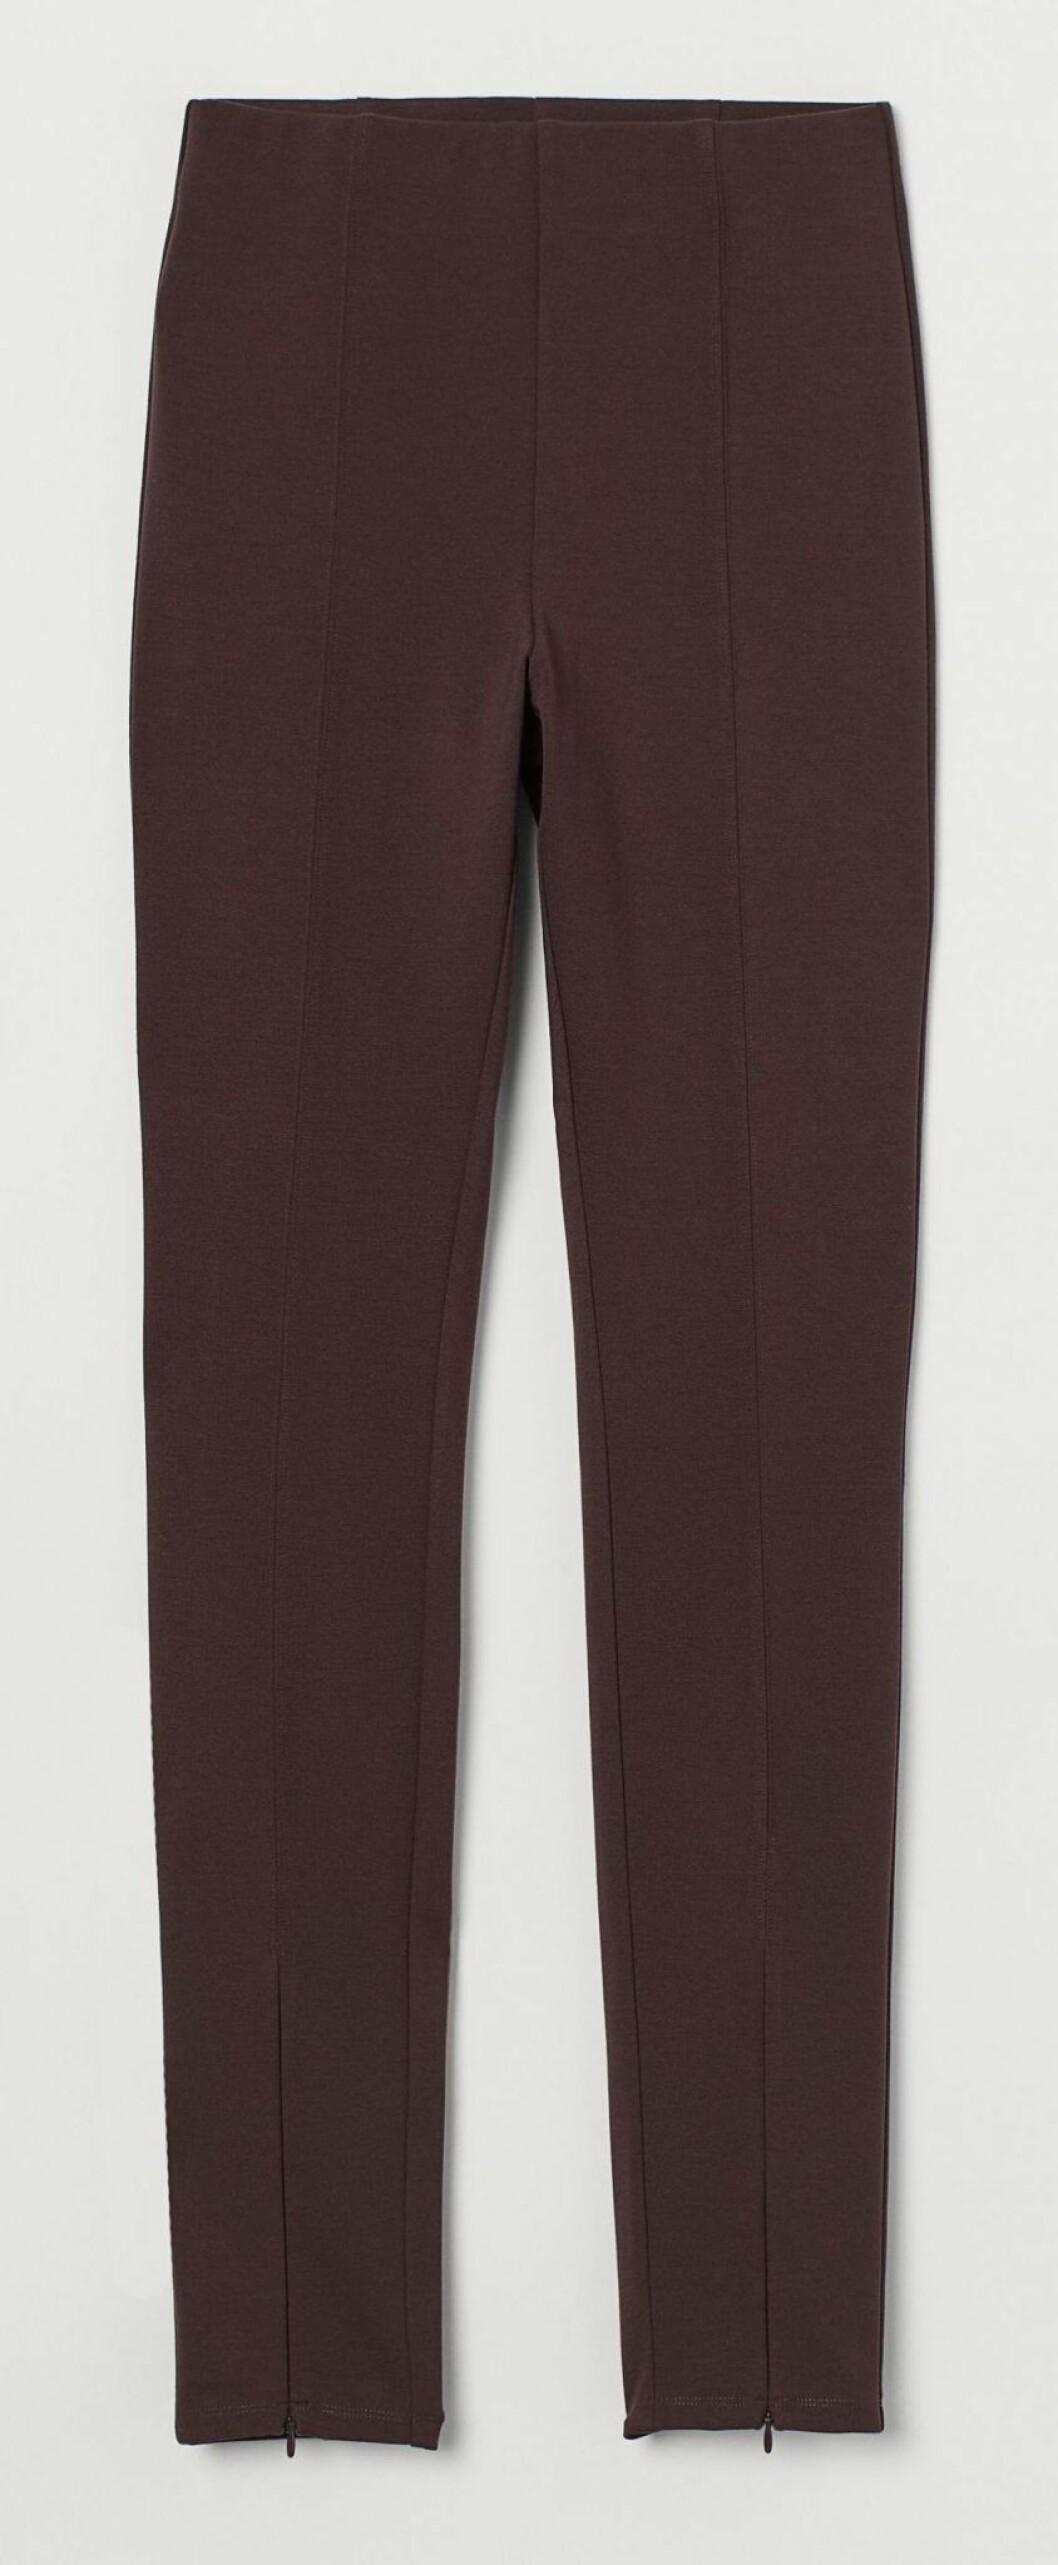 Chokladbruna leggings i stadig och rejäl trikå från H&M